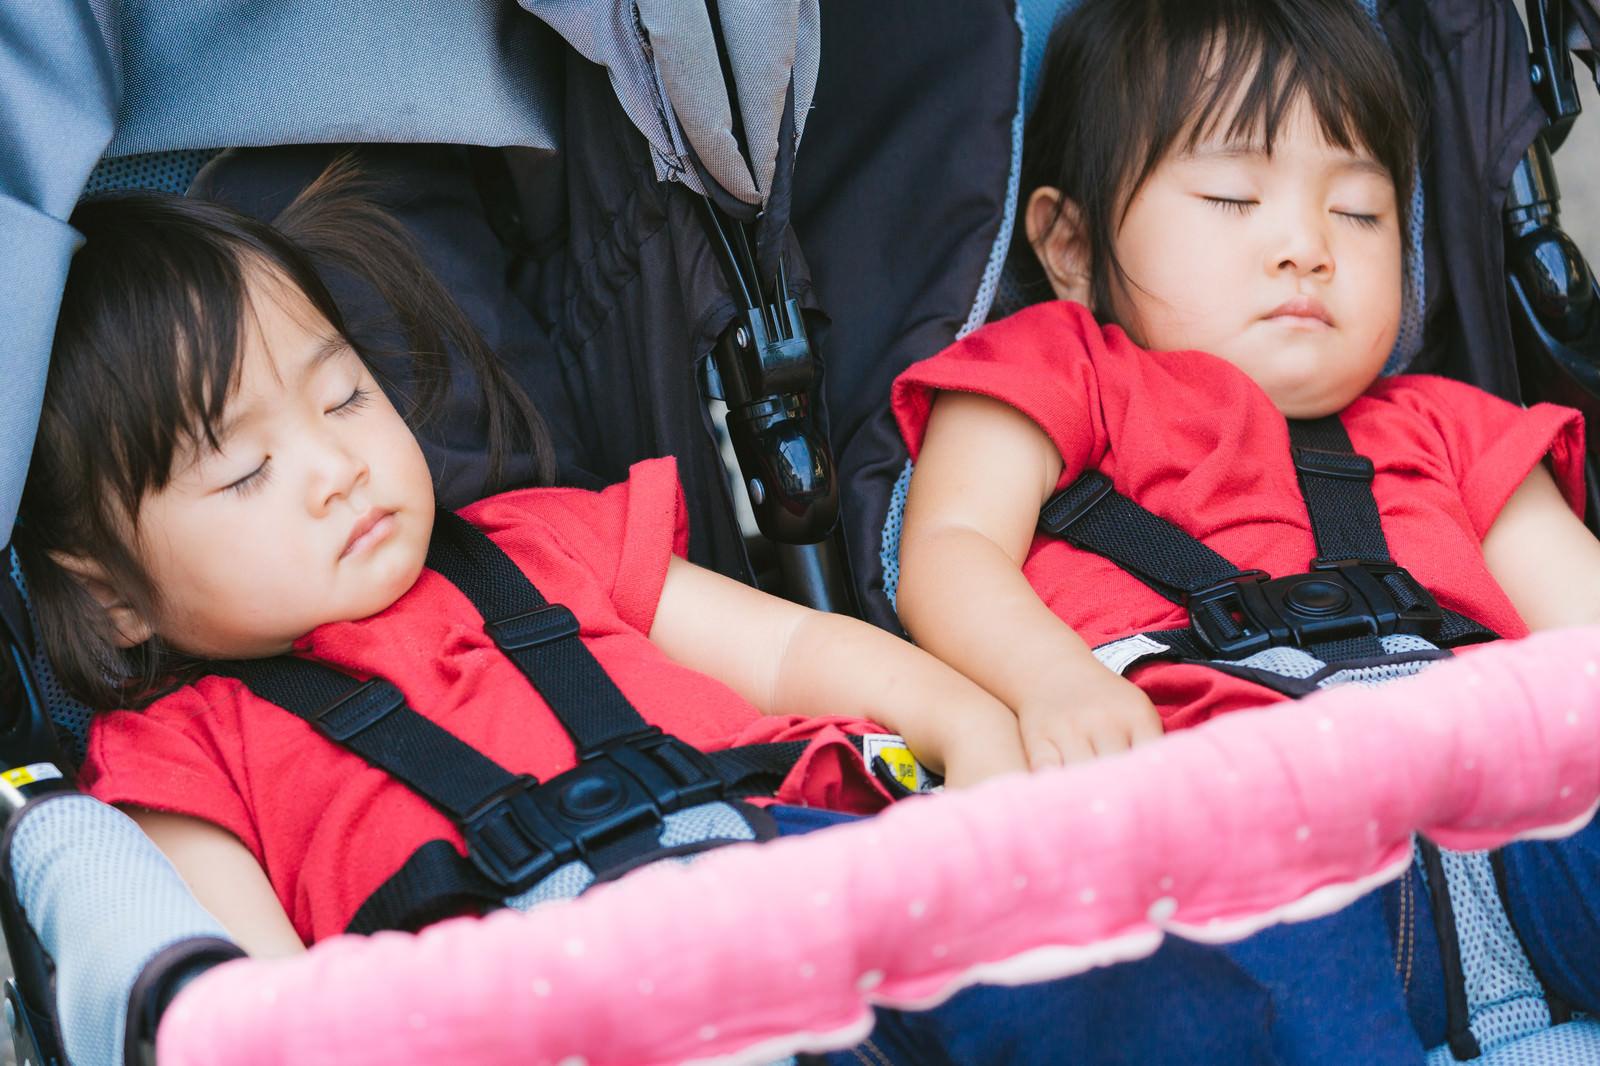 「ベビーカーに乗せたままお昼寝」の写真[モデル:あおみどり]